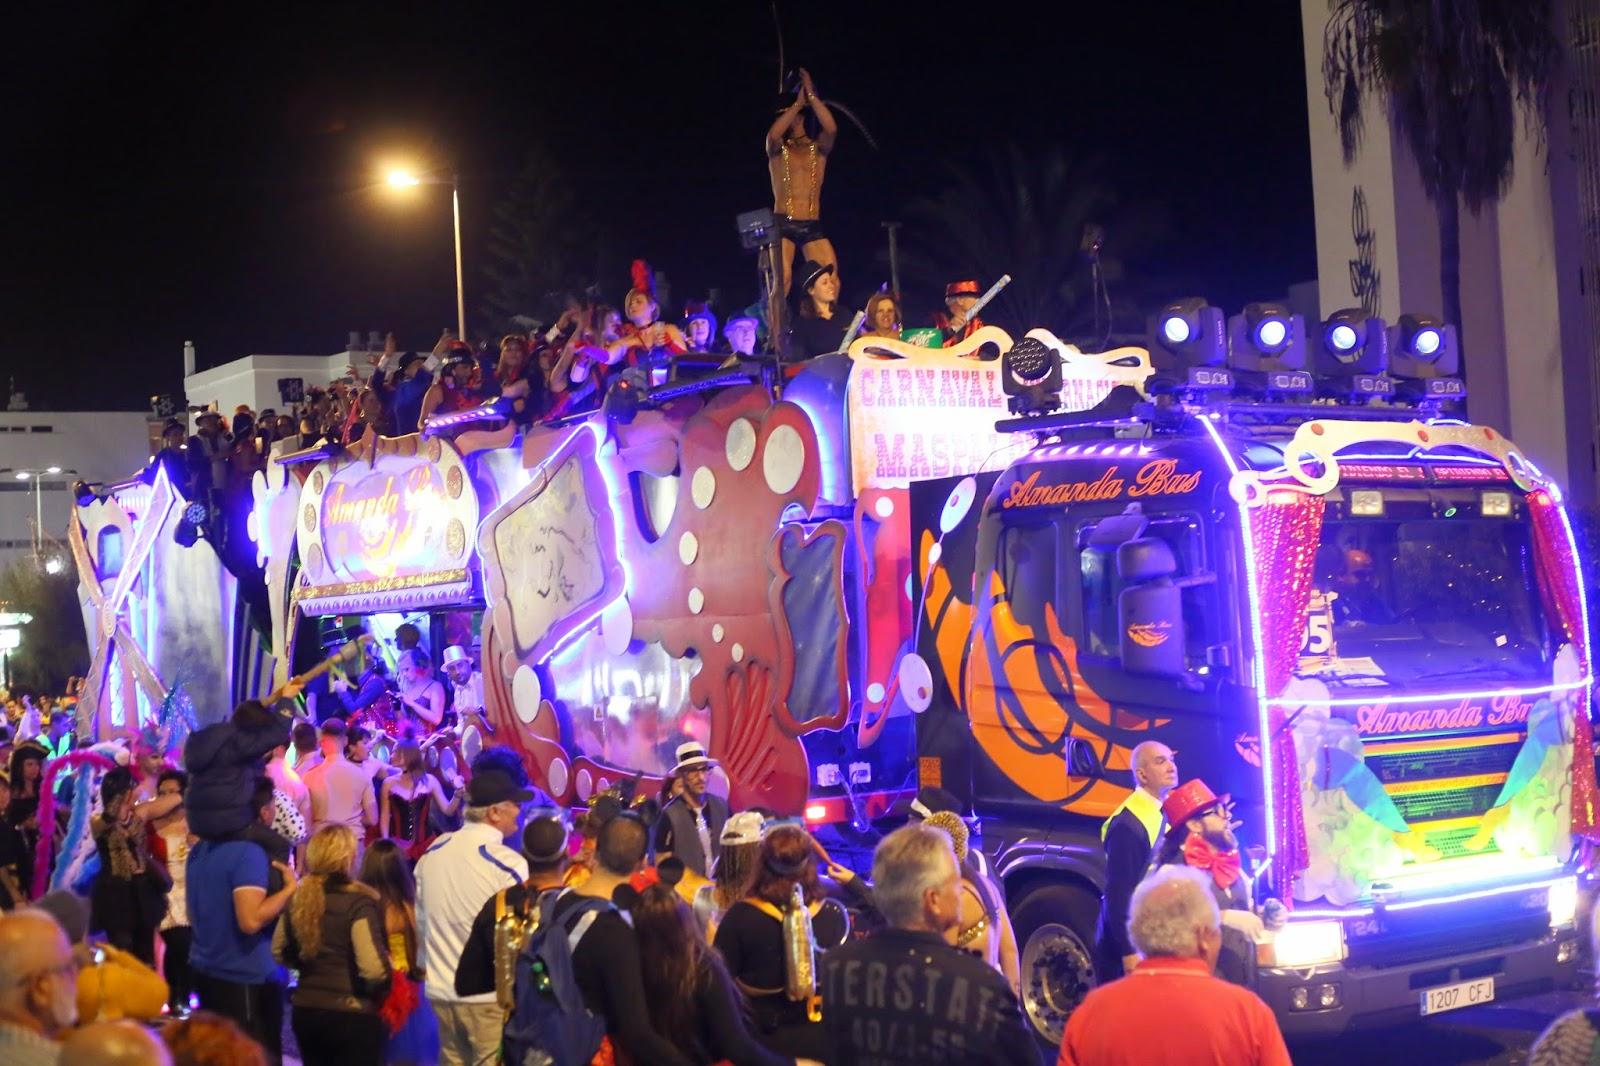 Concurso de carnaval la mana 2015 ecuador - 2 6